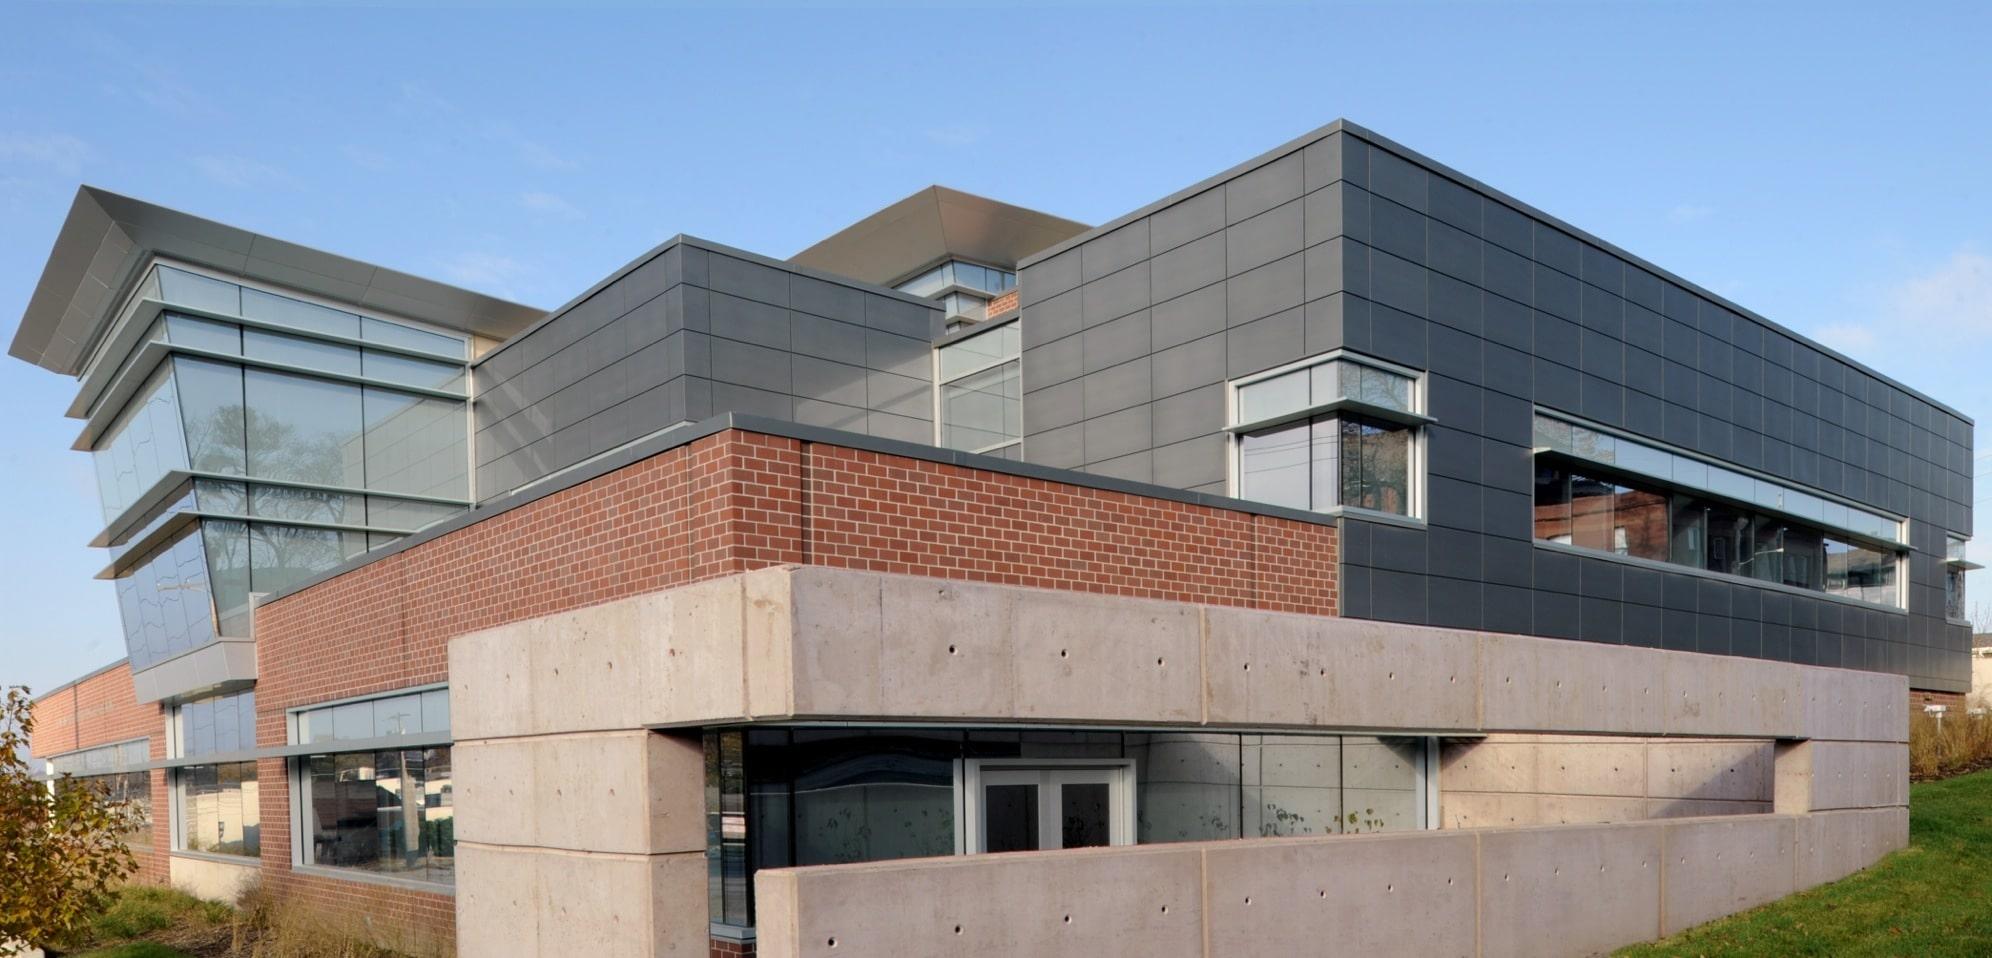 home design center jamestown nd home design center jamestown nd myfavoriteheadache 100. Black Bedroom Furniture Sets. Home Design Ideas